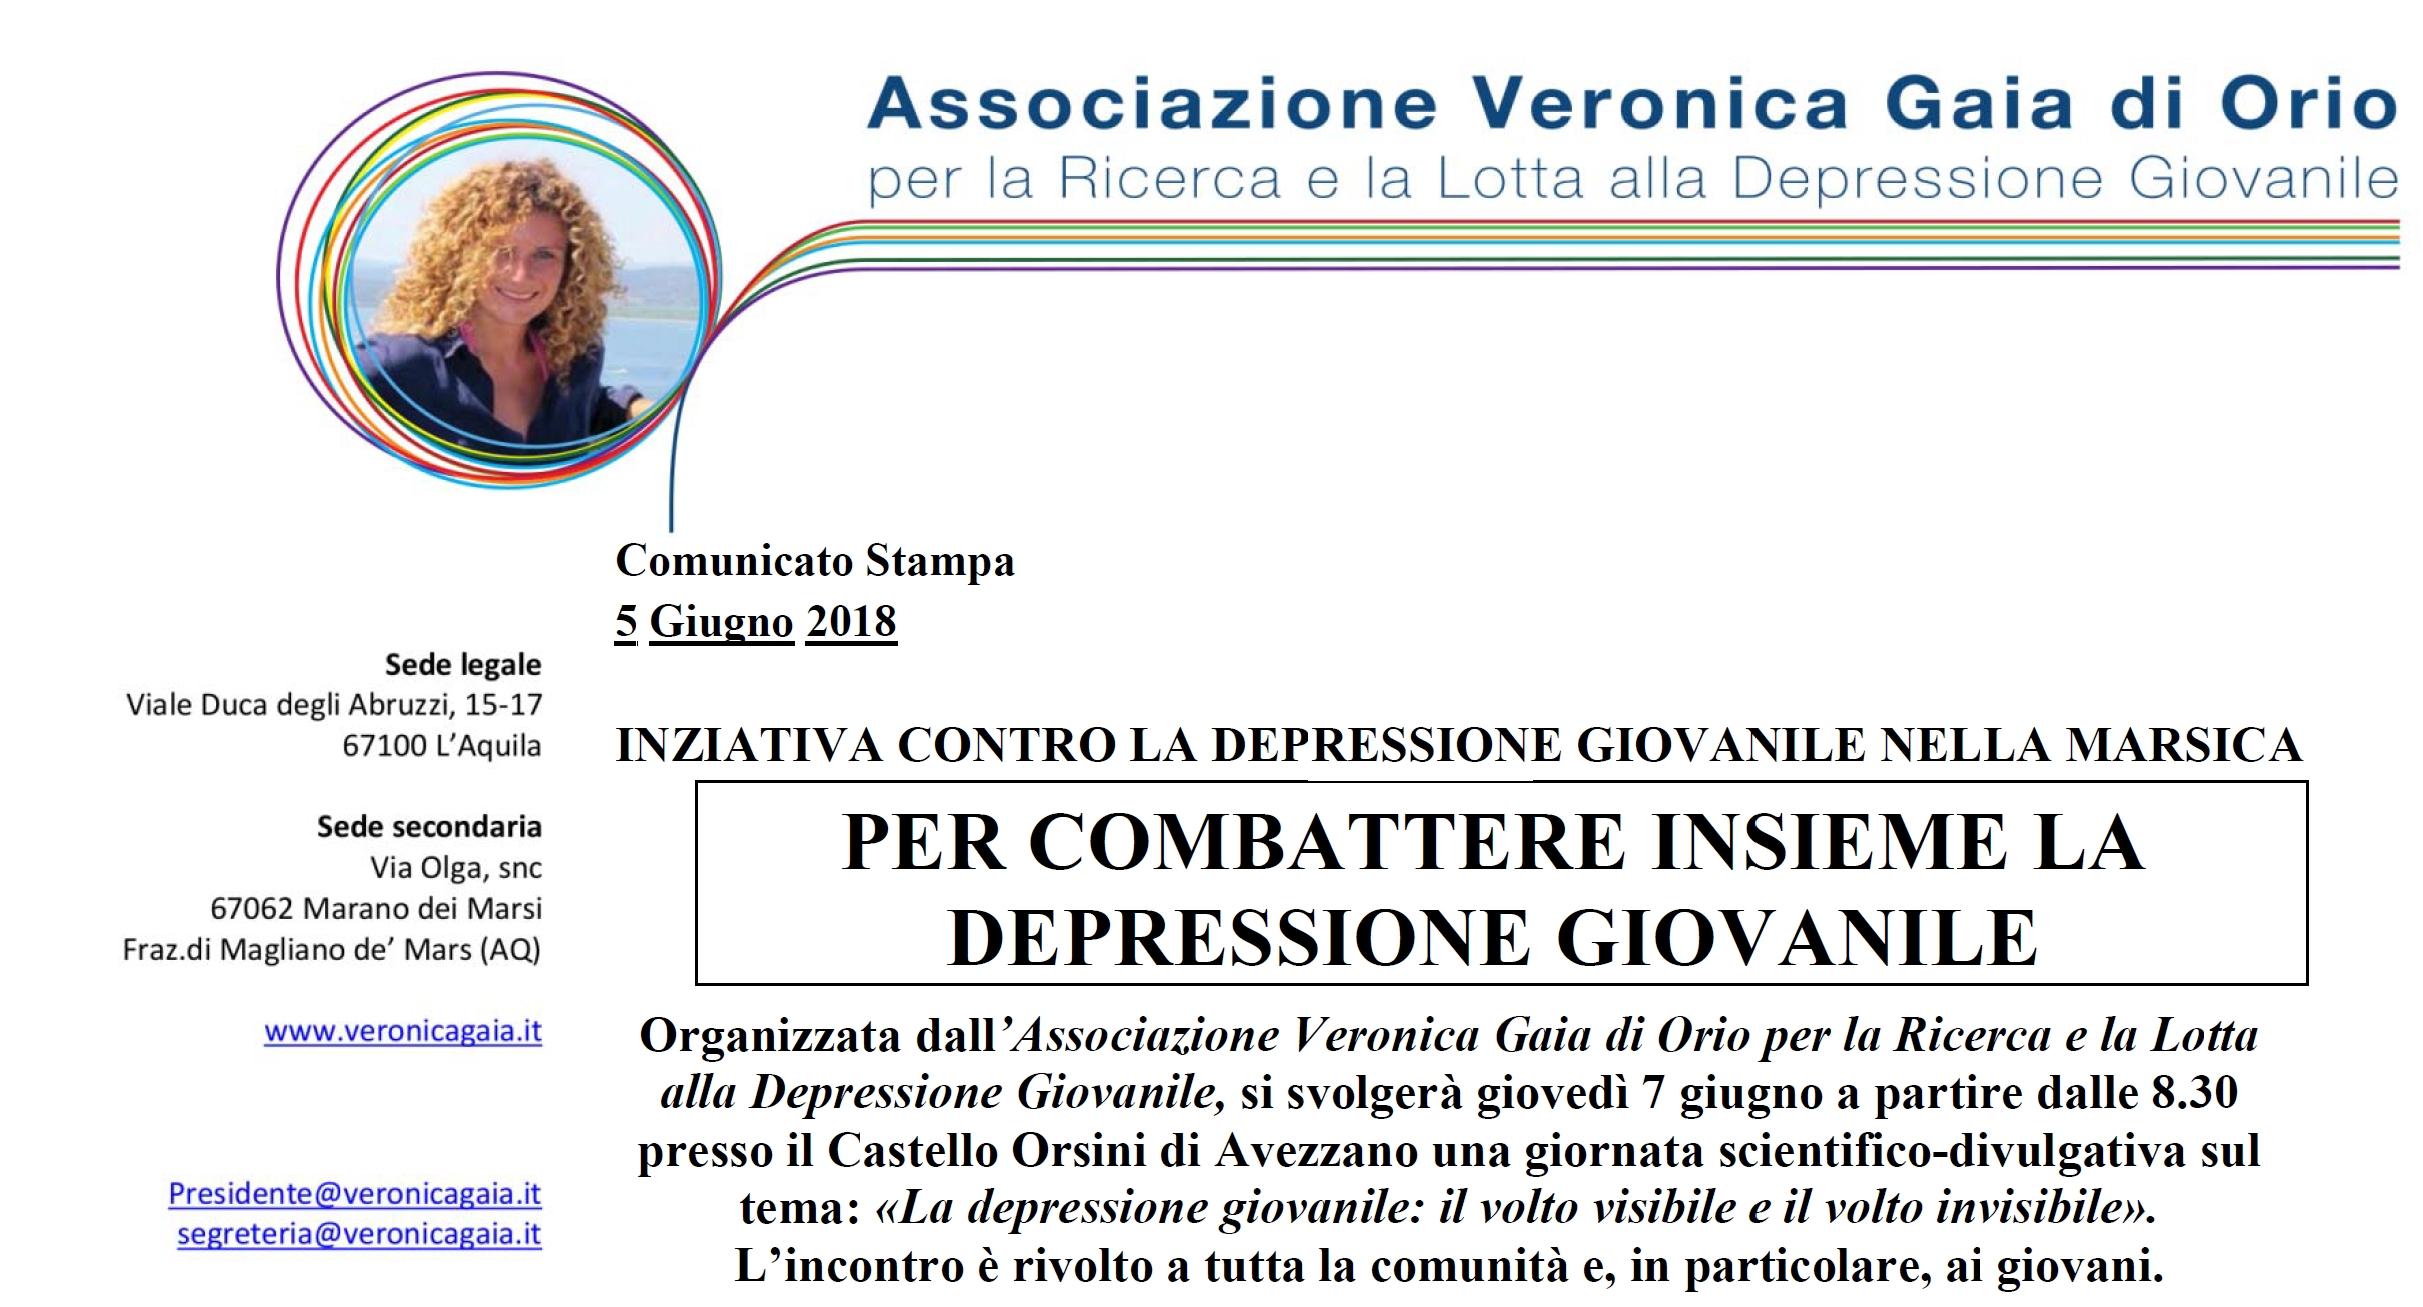 Un convegno ad Avezzano sulla depressione giovanile – 7 giugno 2018